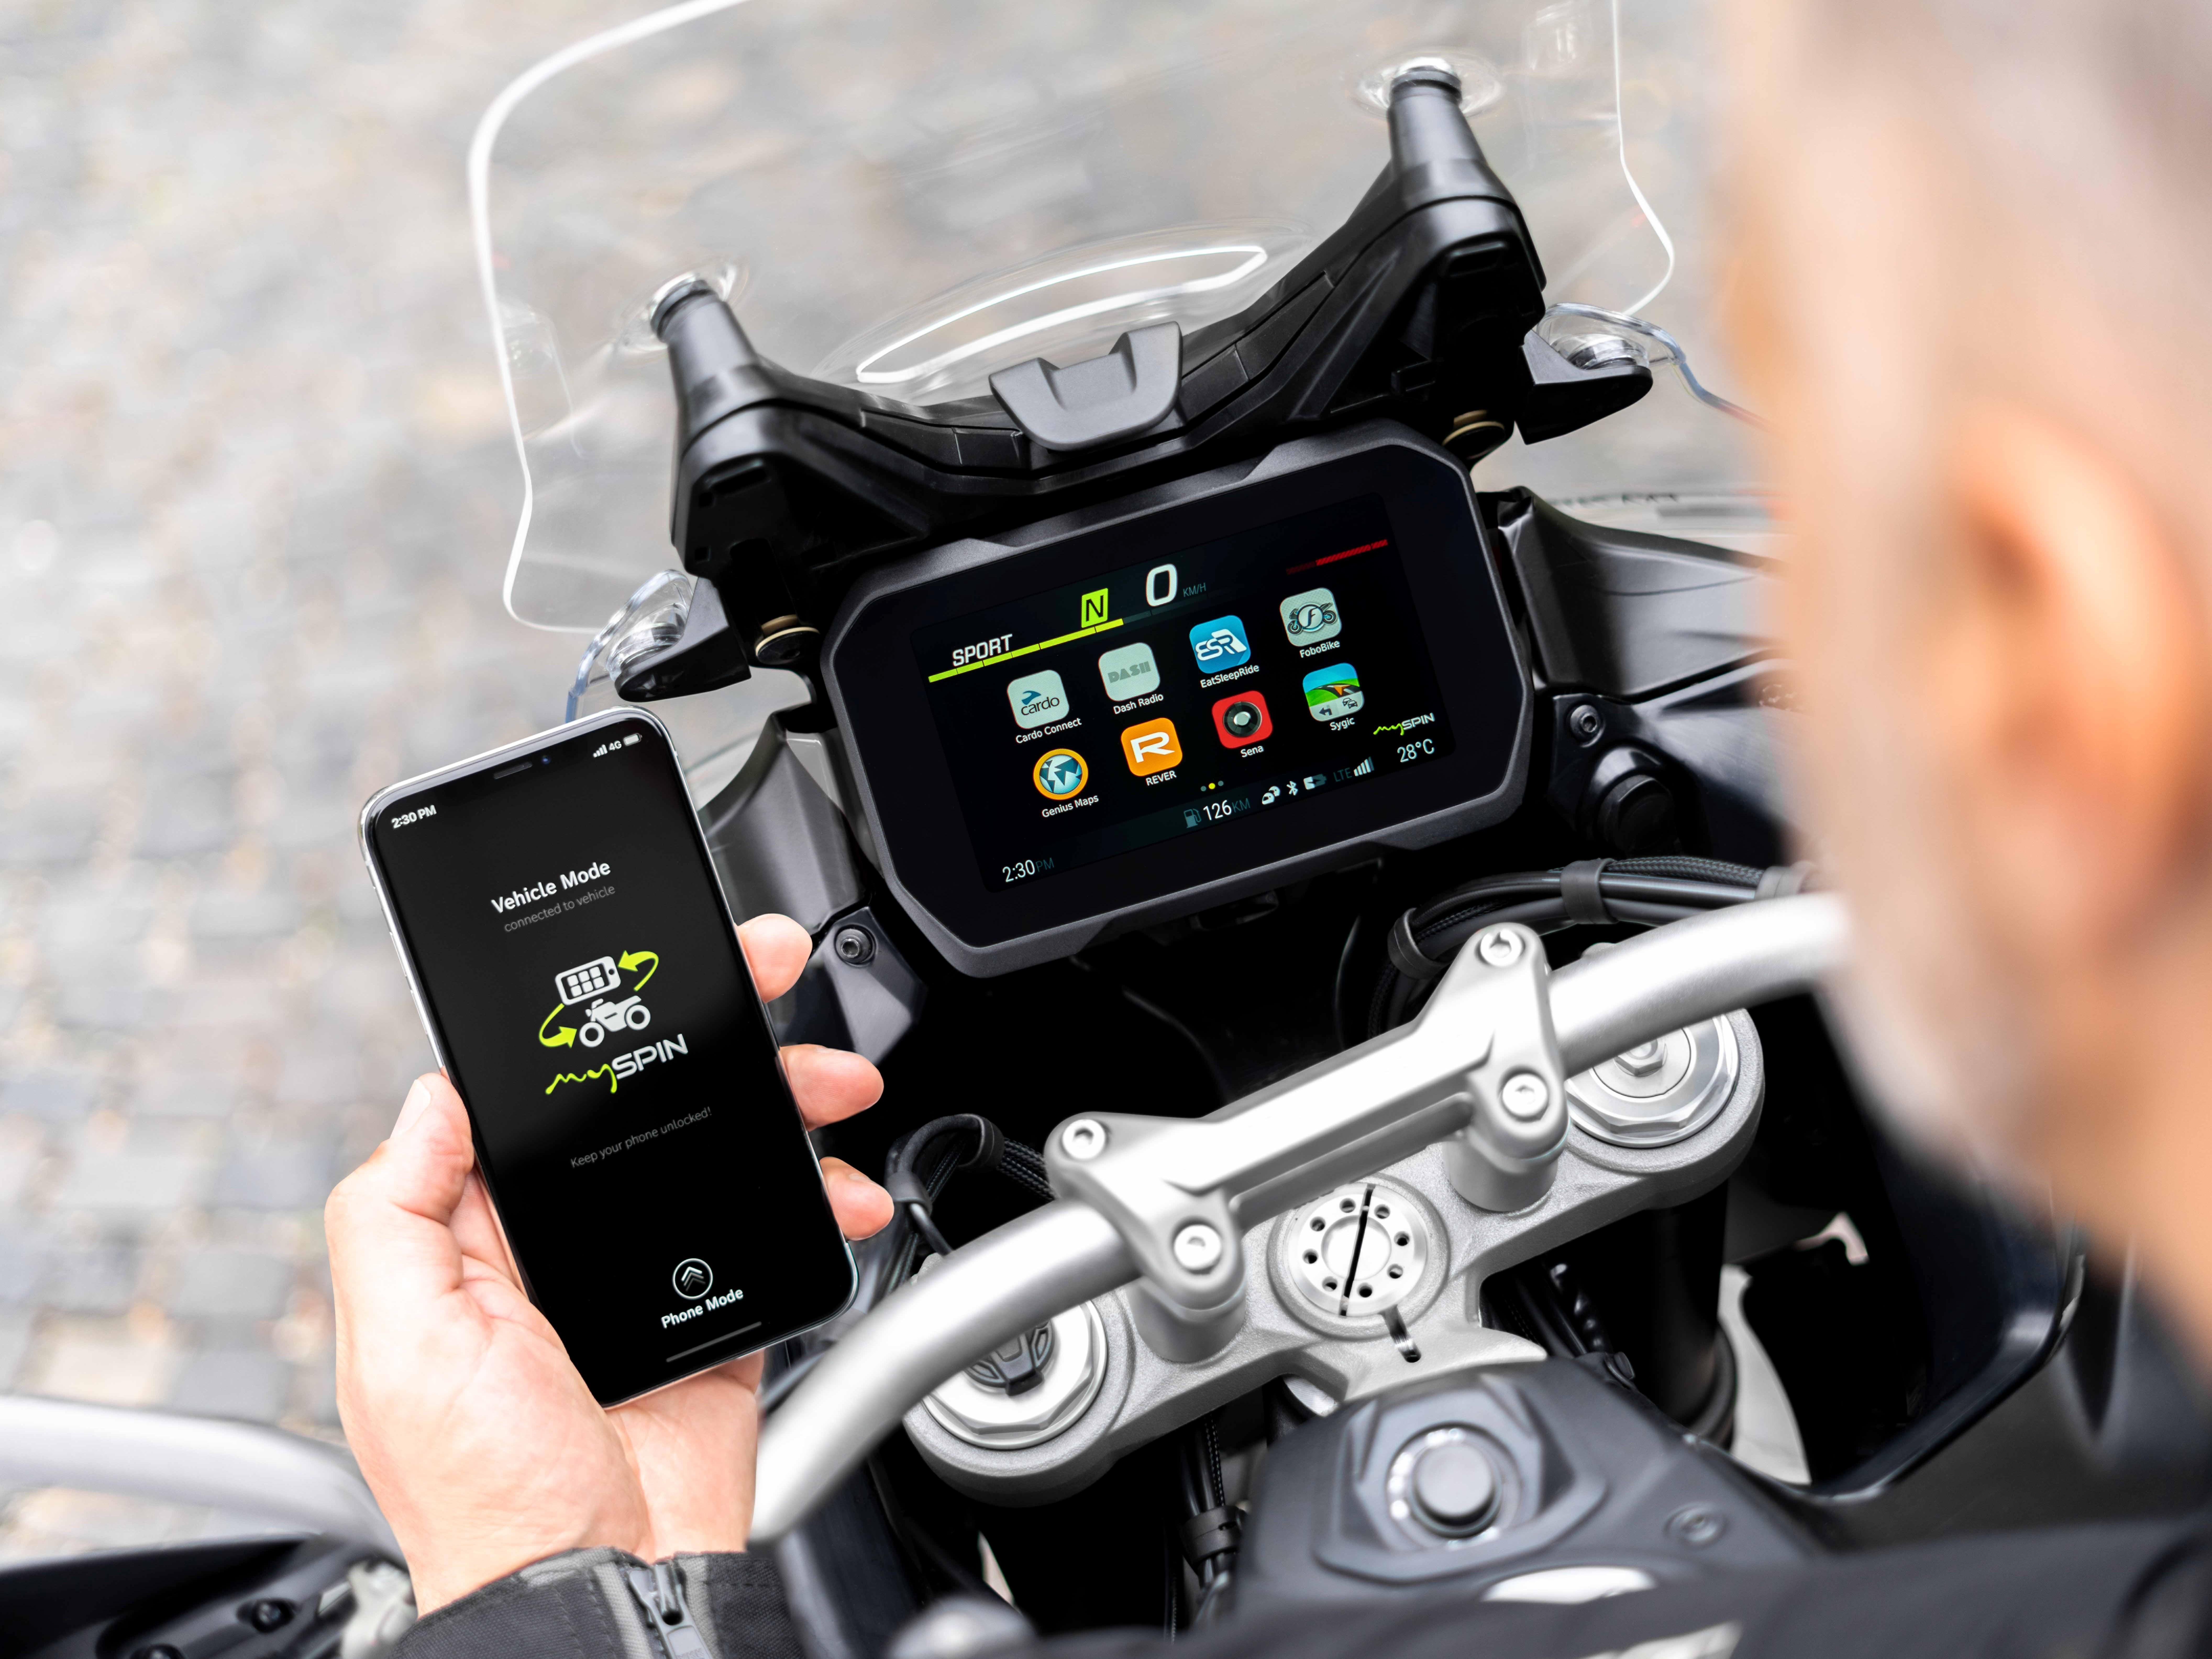 Smartphone integration solution mySPIN